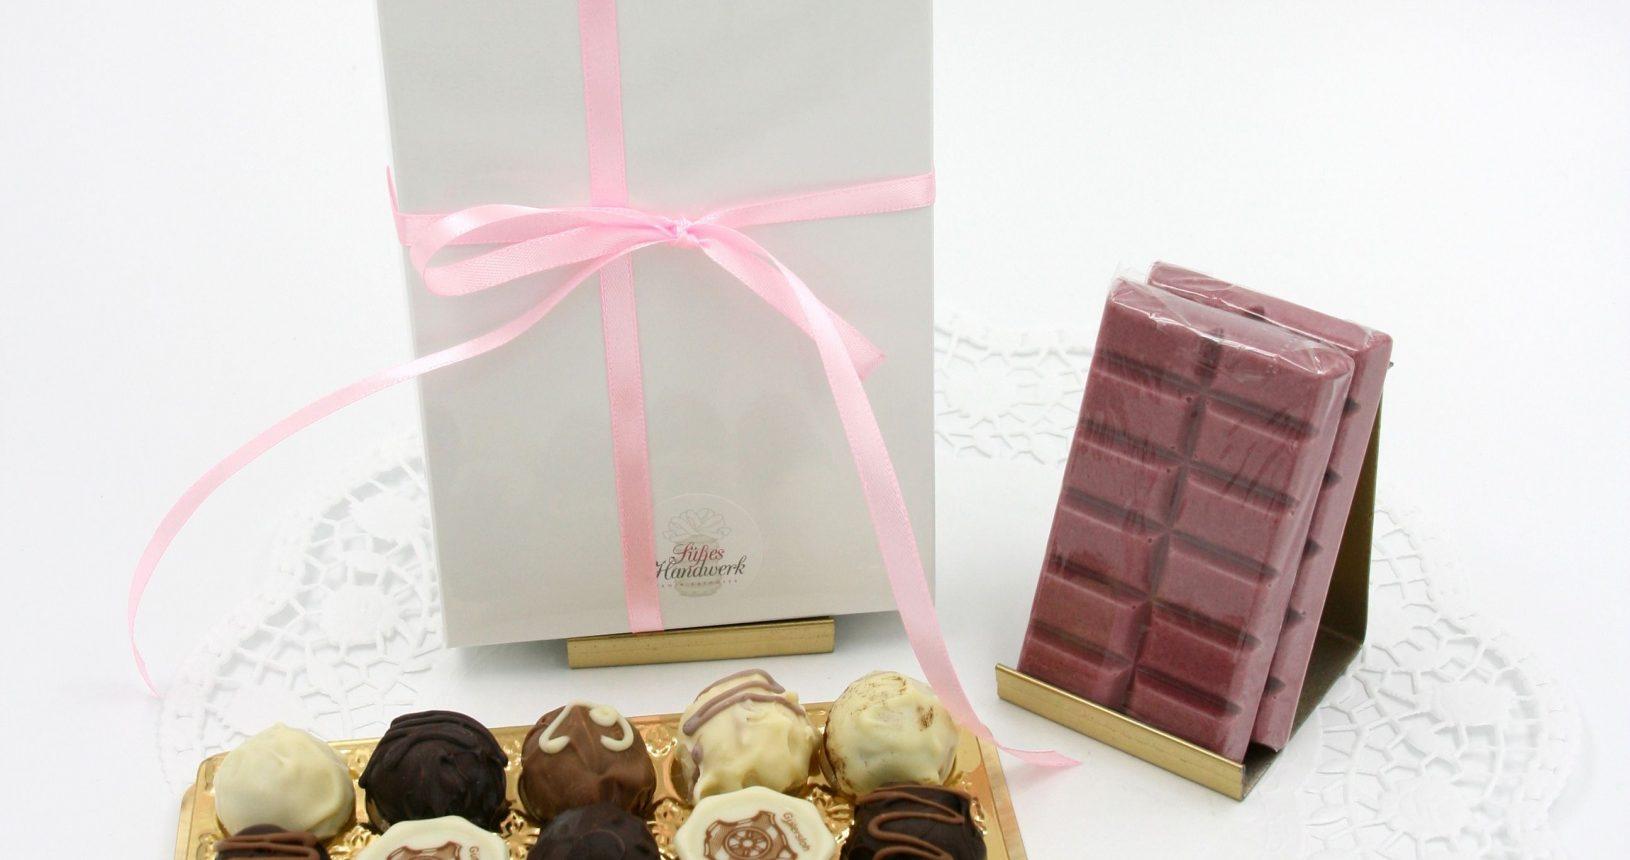 Pralinen Verpackung Schokolade